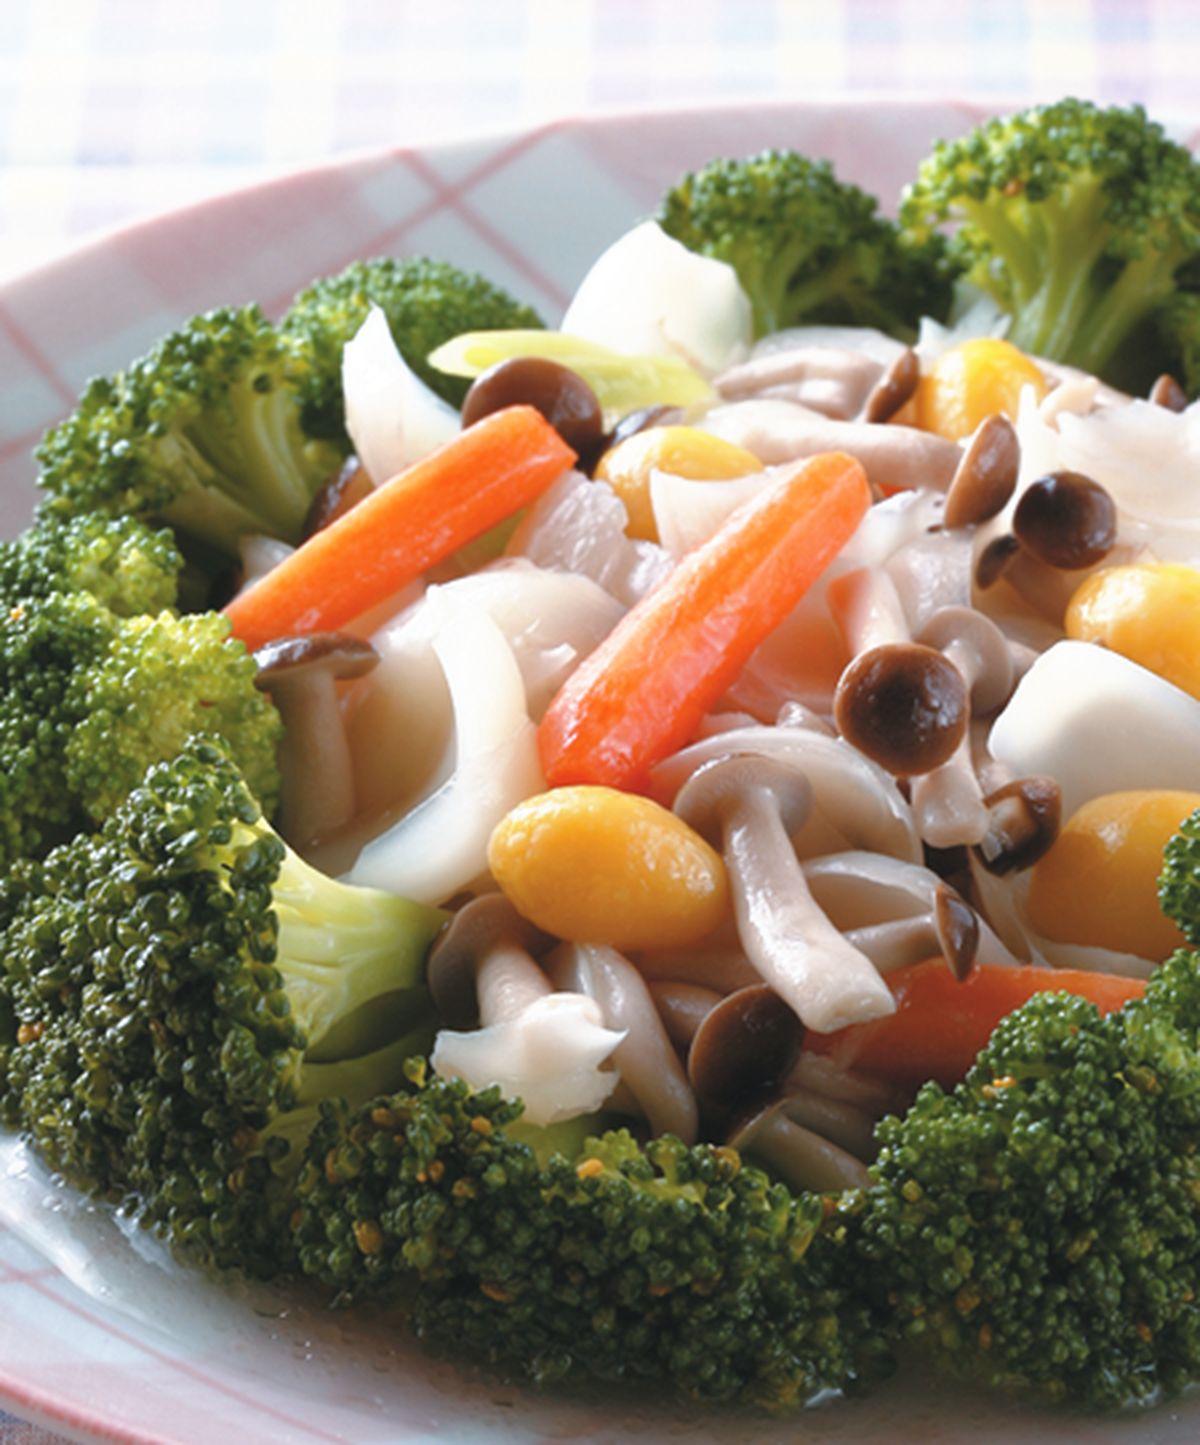 食譜:百合燴鮮蔬